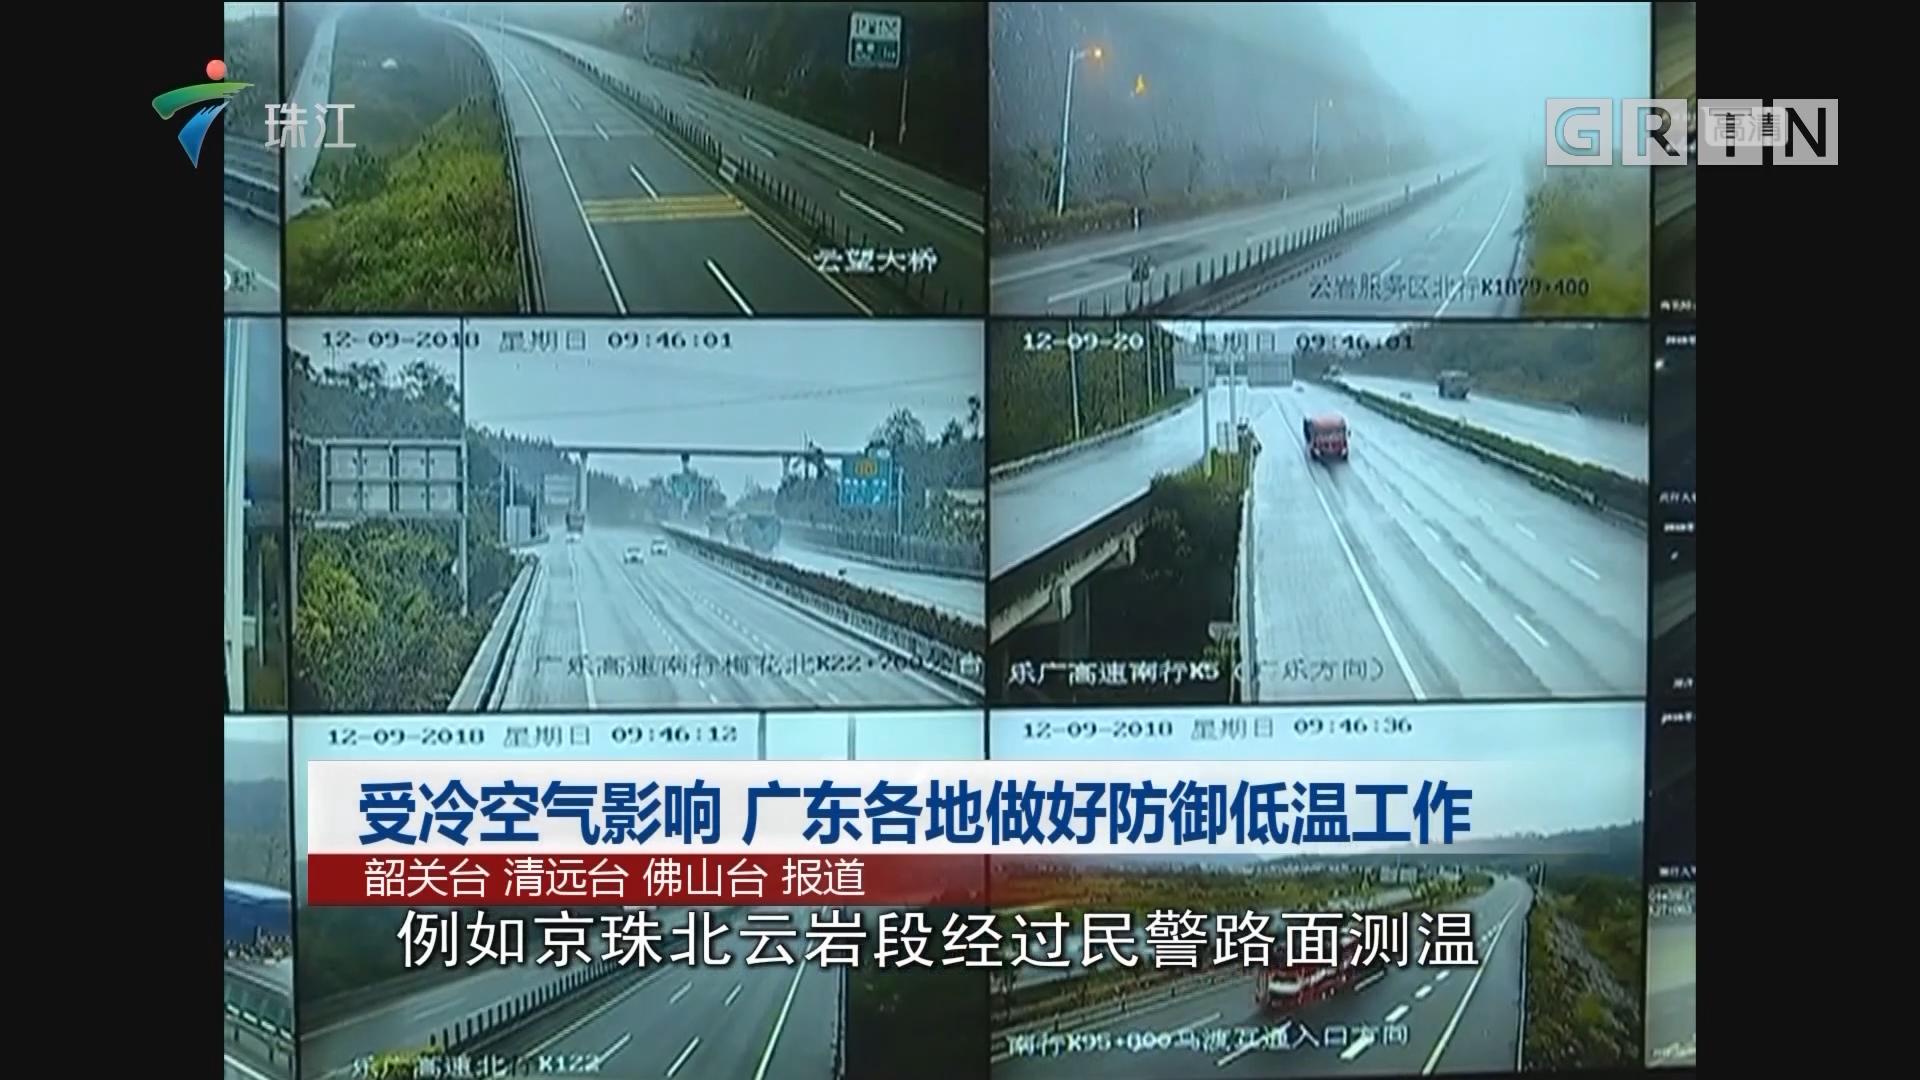 受冷空气影响 广东各地做好防御低温工作